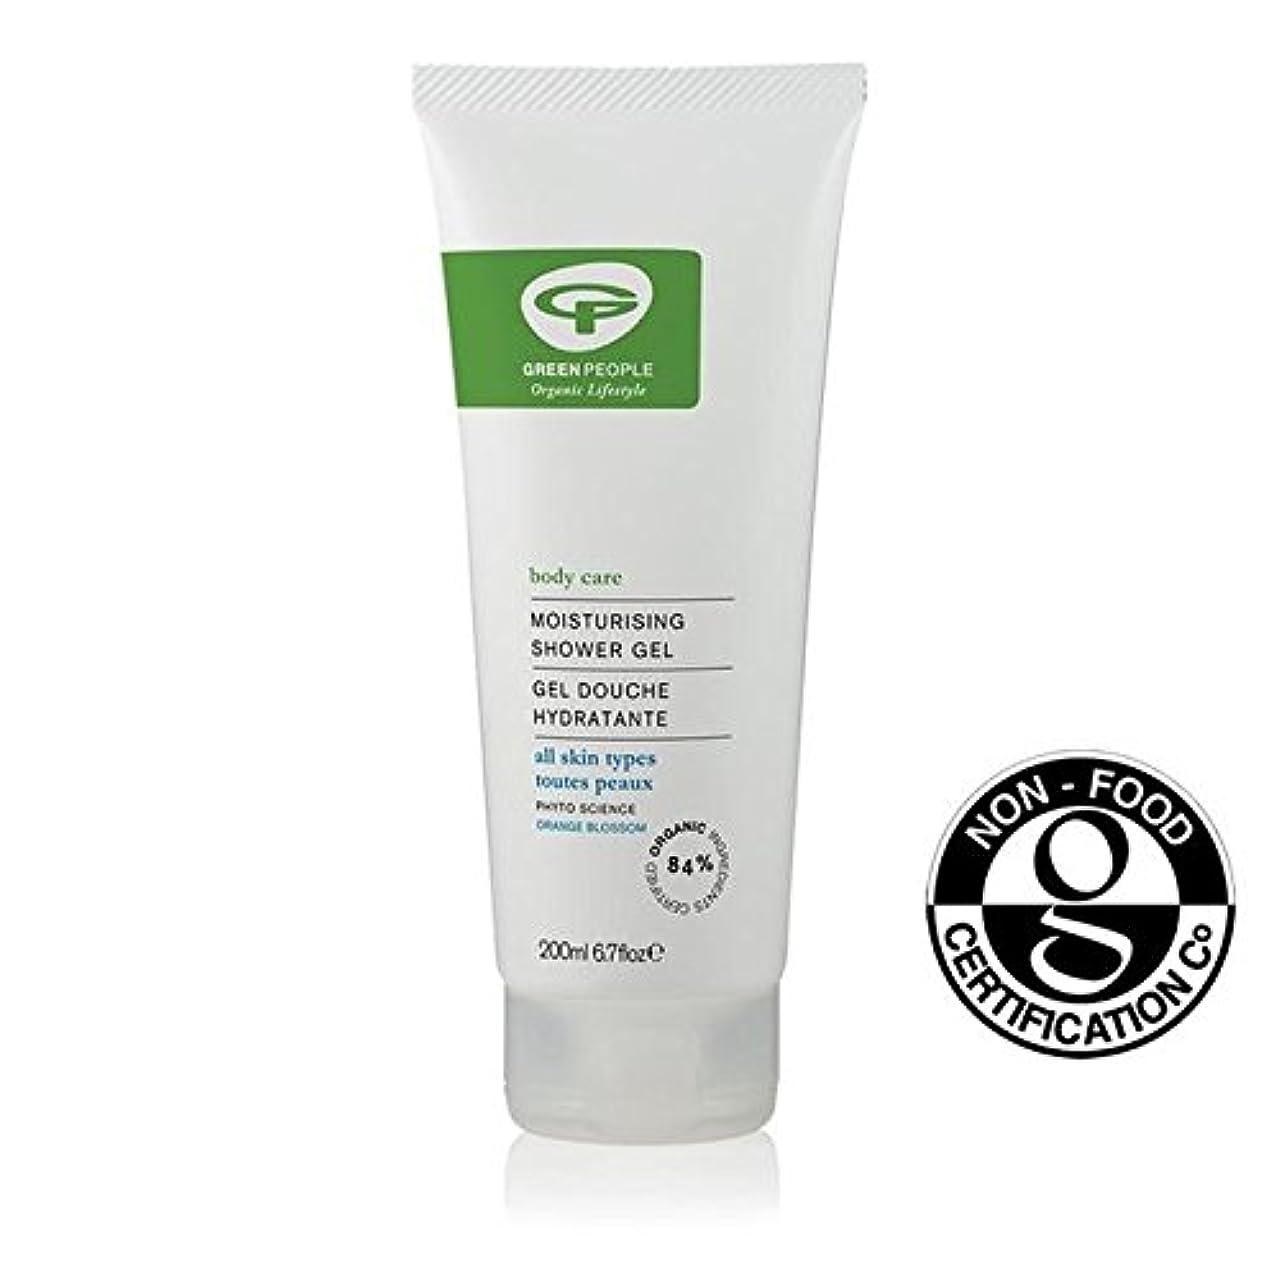 失望させるリラックス海岸緑の人々の有機保湿シャワージェル200 x4 - Green People Organic Moisturising Shower Gel 200ml (Pack of 4) [並行輸入品]